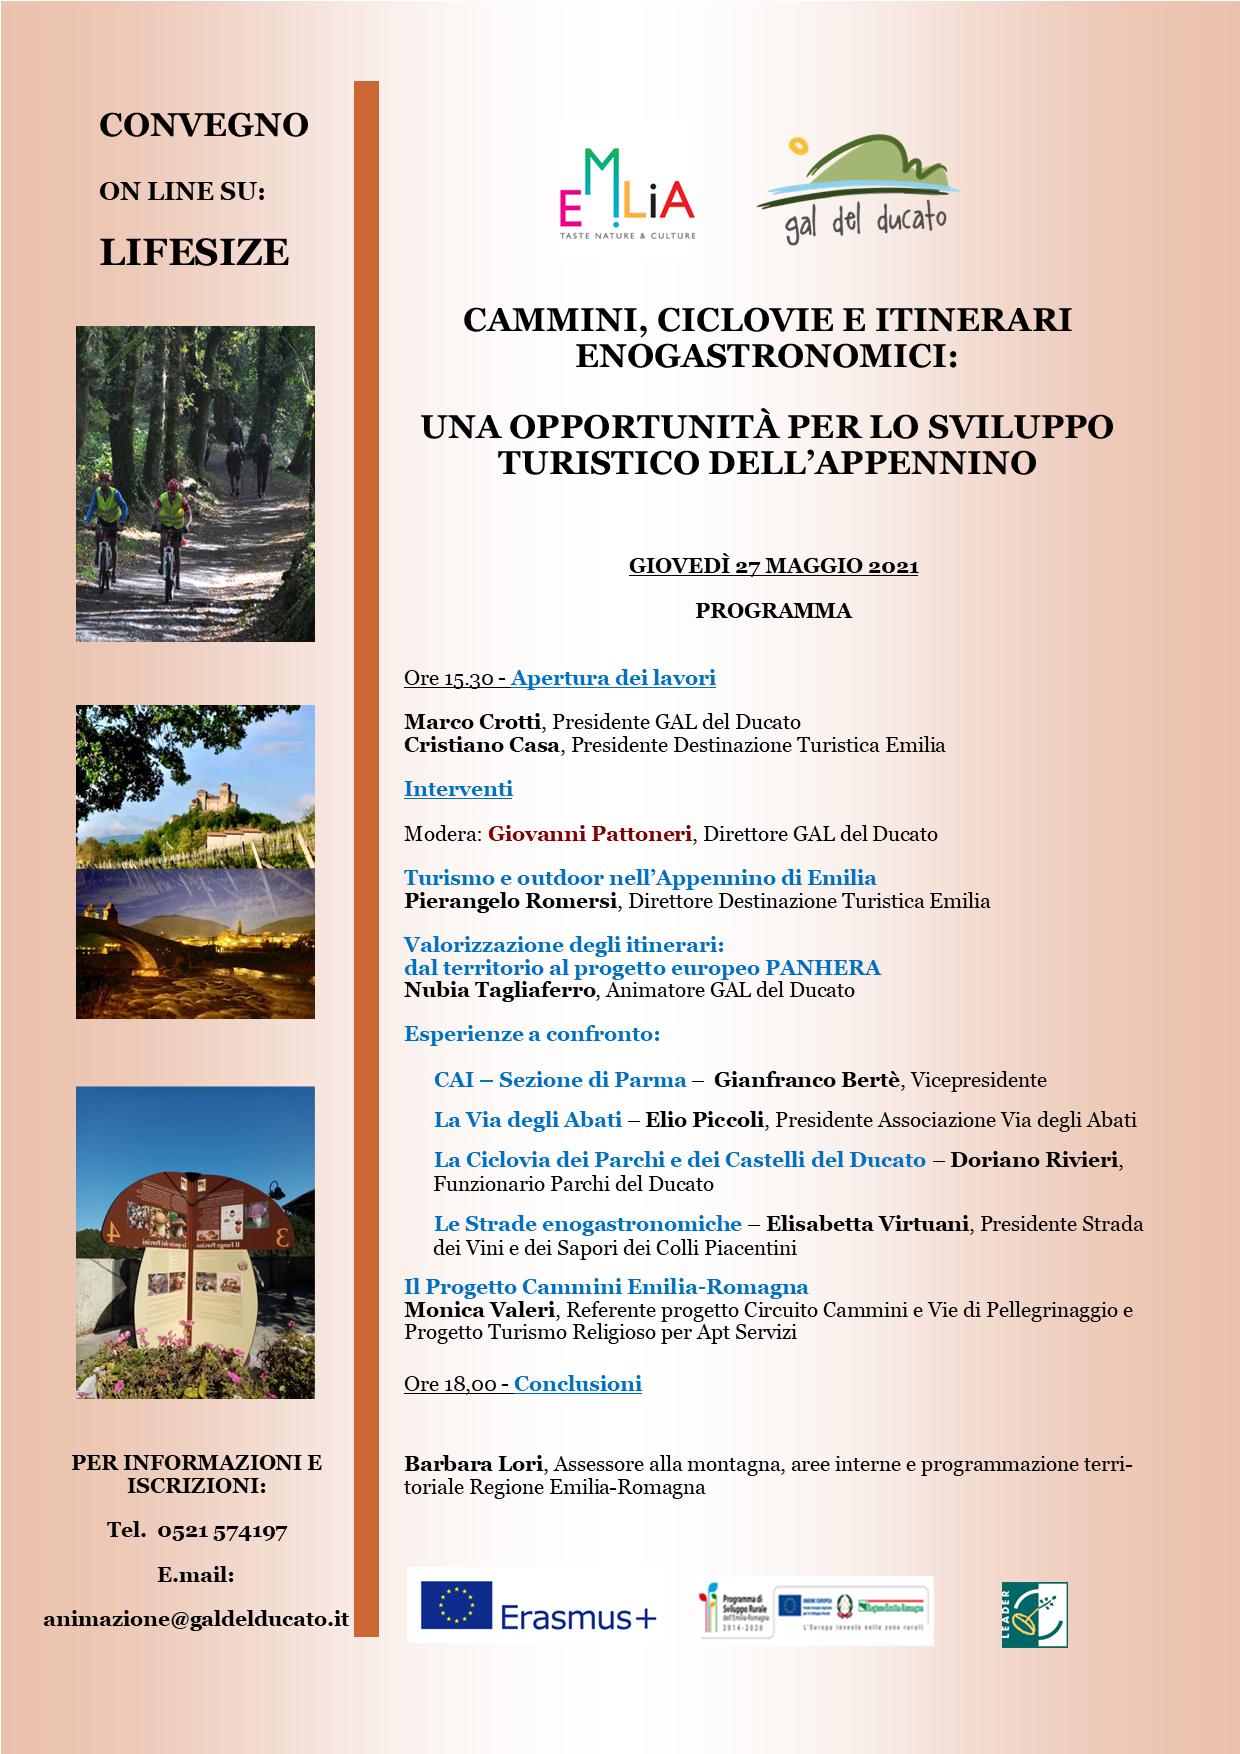 Convegno 27 Maggio 2021 – Cammini, ciclovie e itinerari enogastronomici: una opportunità per lo sviluppo dell'Appennino